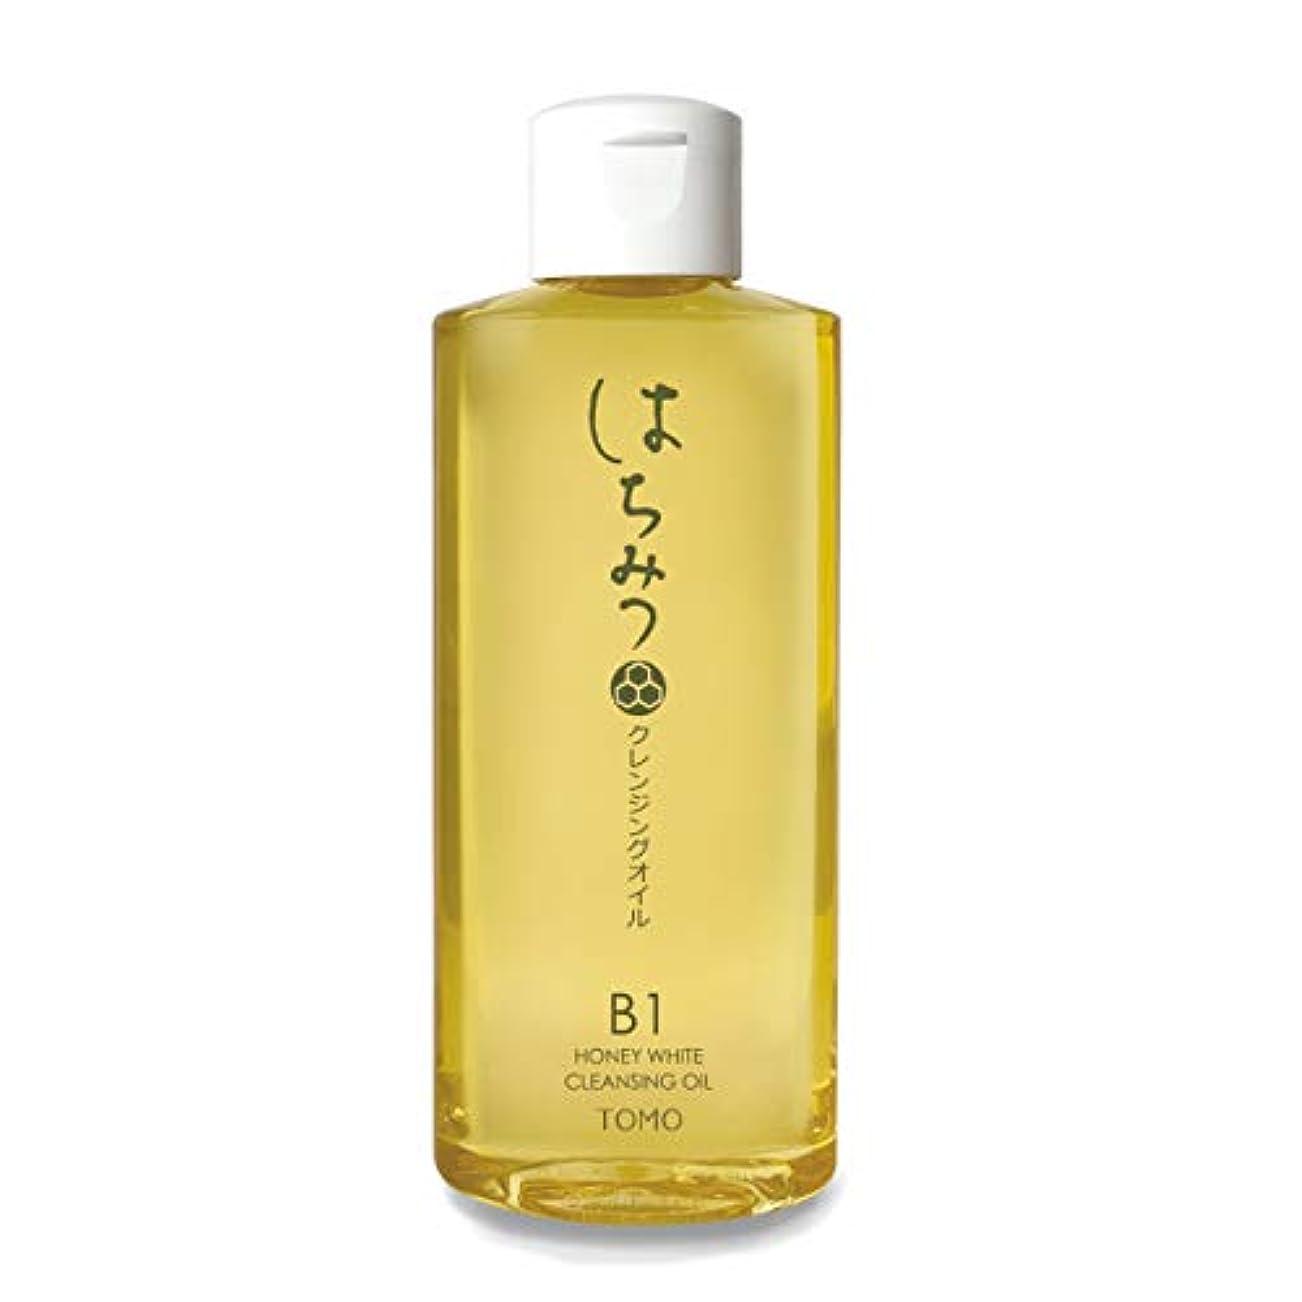 あるかわいらしい聖人低刺激 ロイヤルゼリーエキス配合 50%以上がオリーブオイル 洗い流すタイプのクレンジング クレンジングオイルB1 150ml